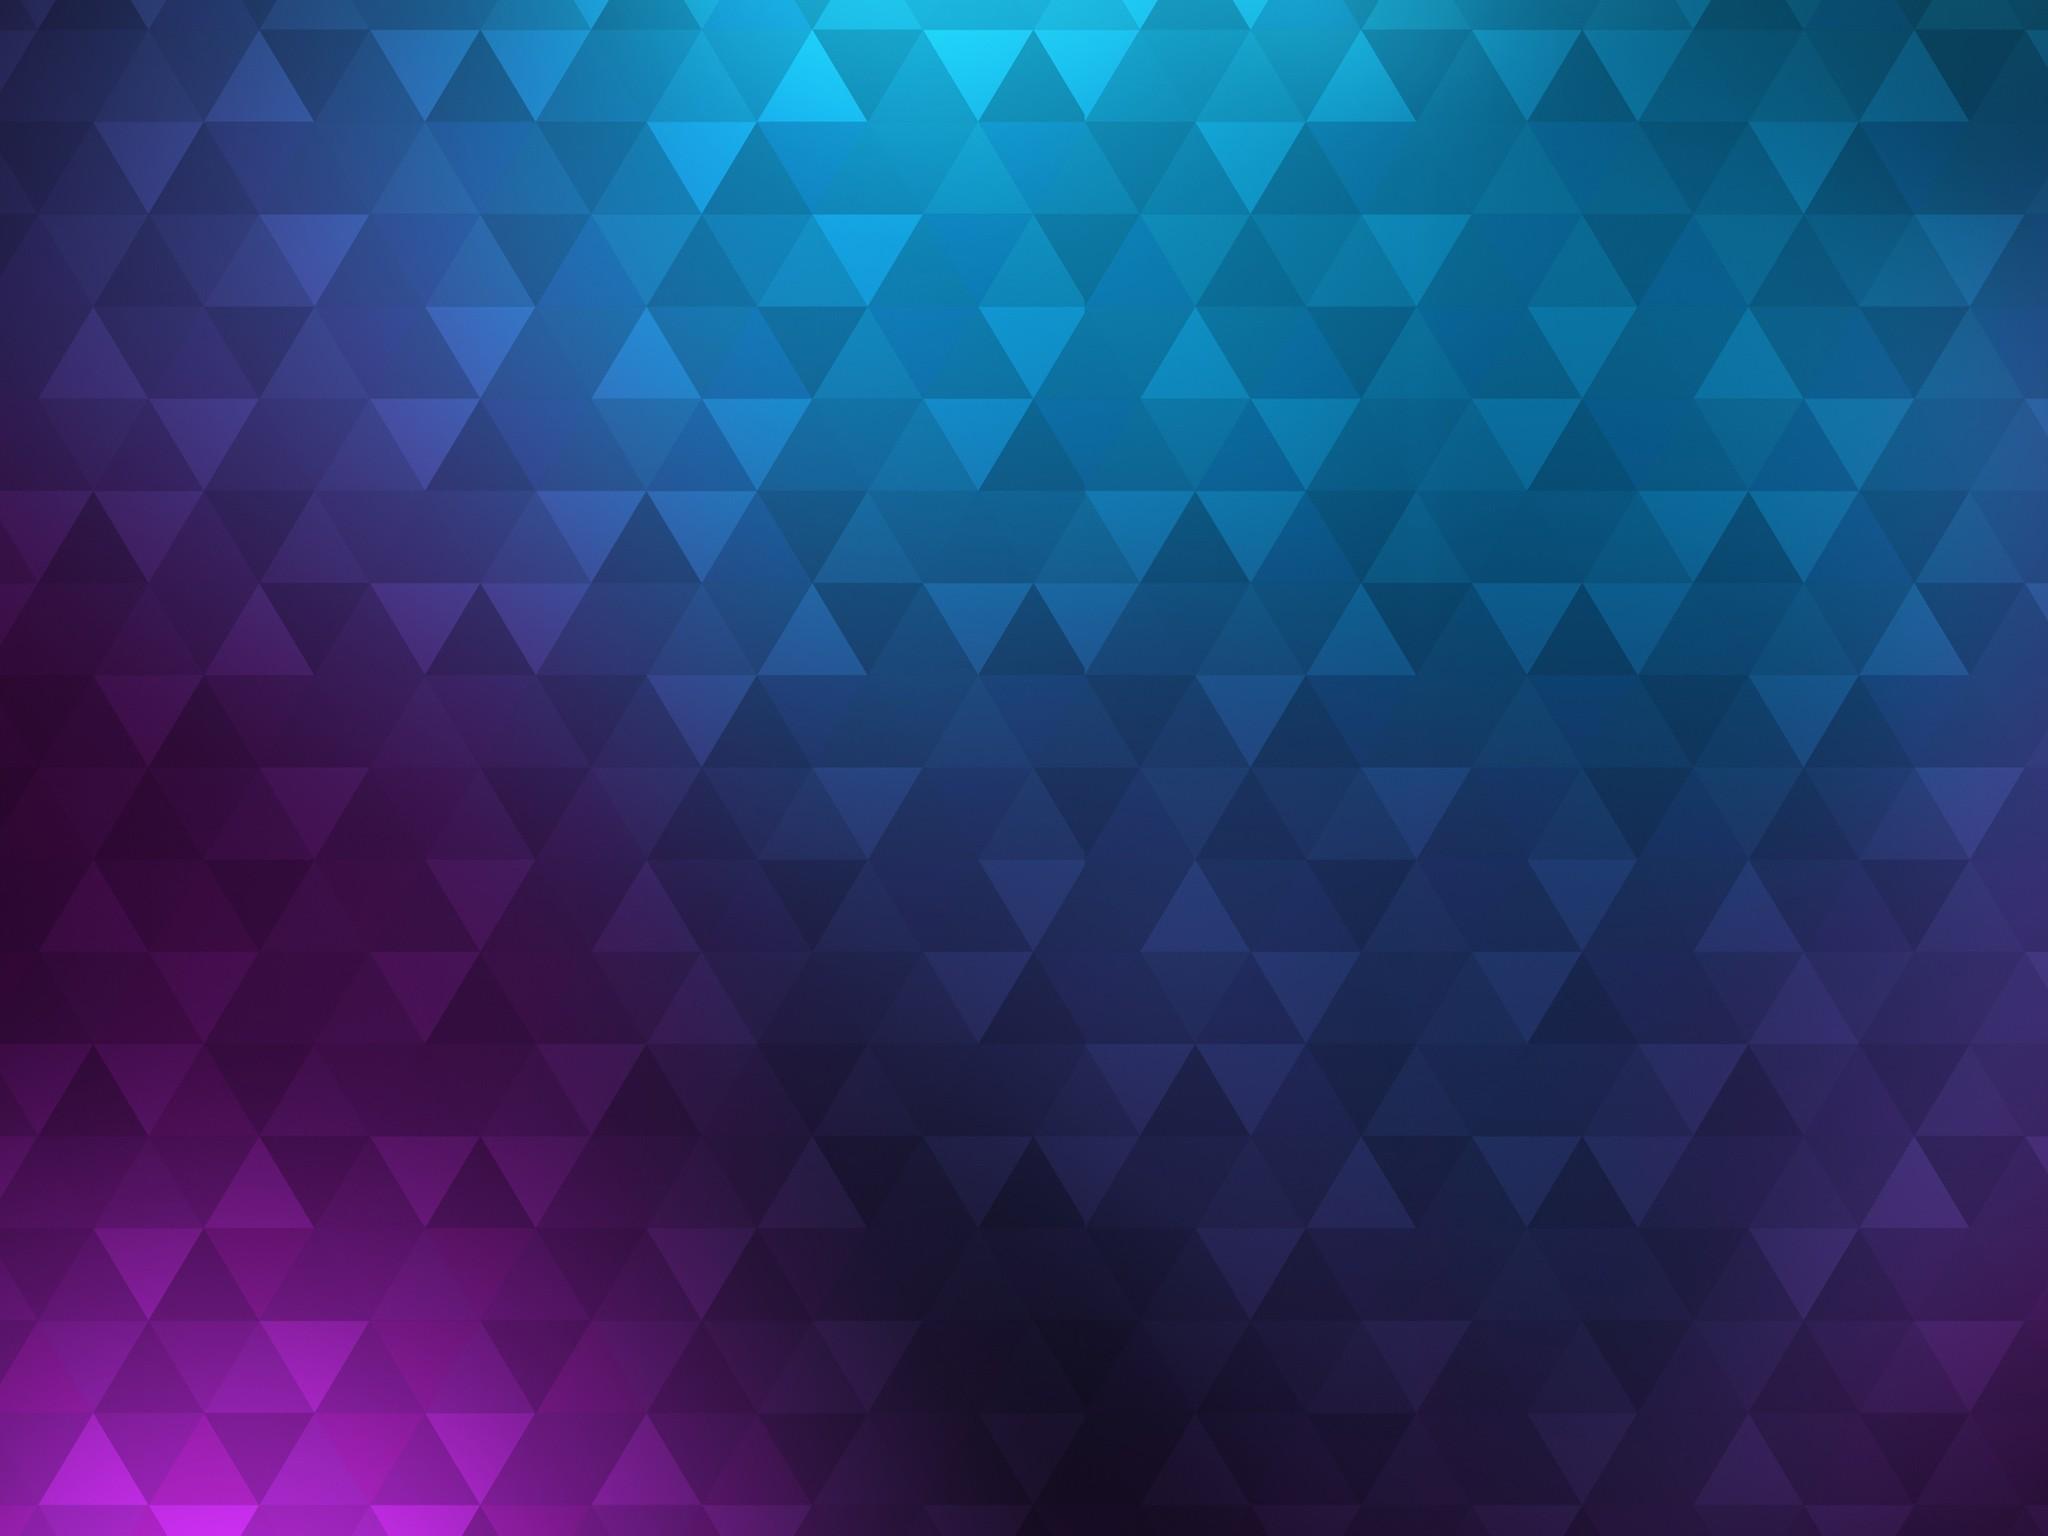 2048x1536 Wallpaper 31 2048x1536